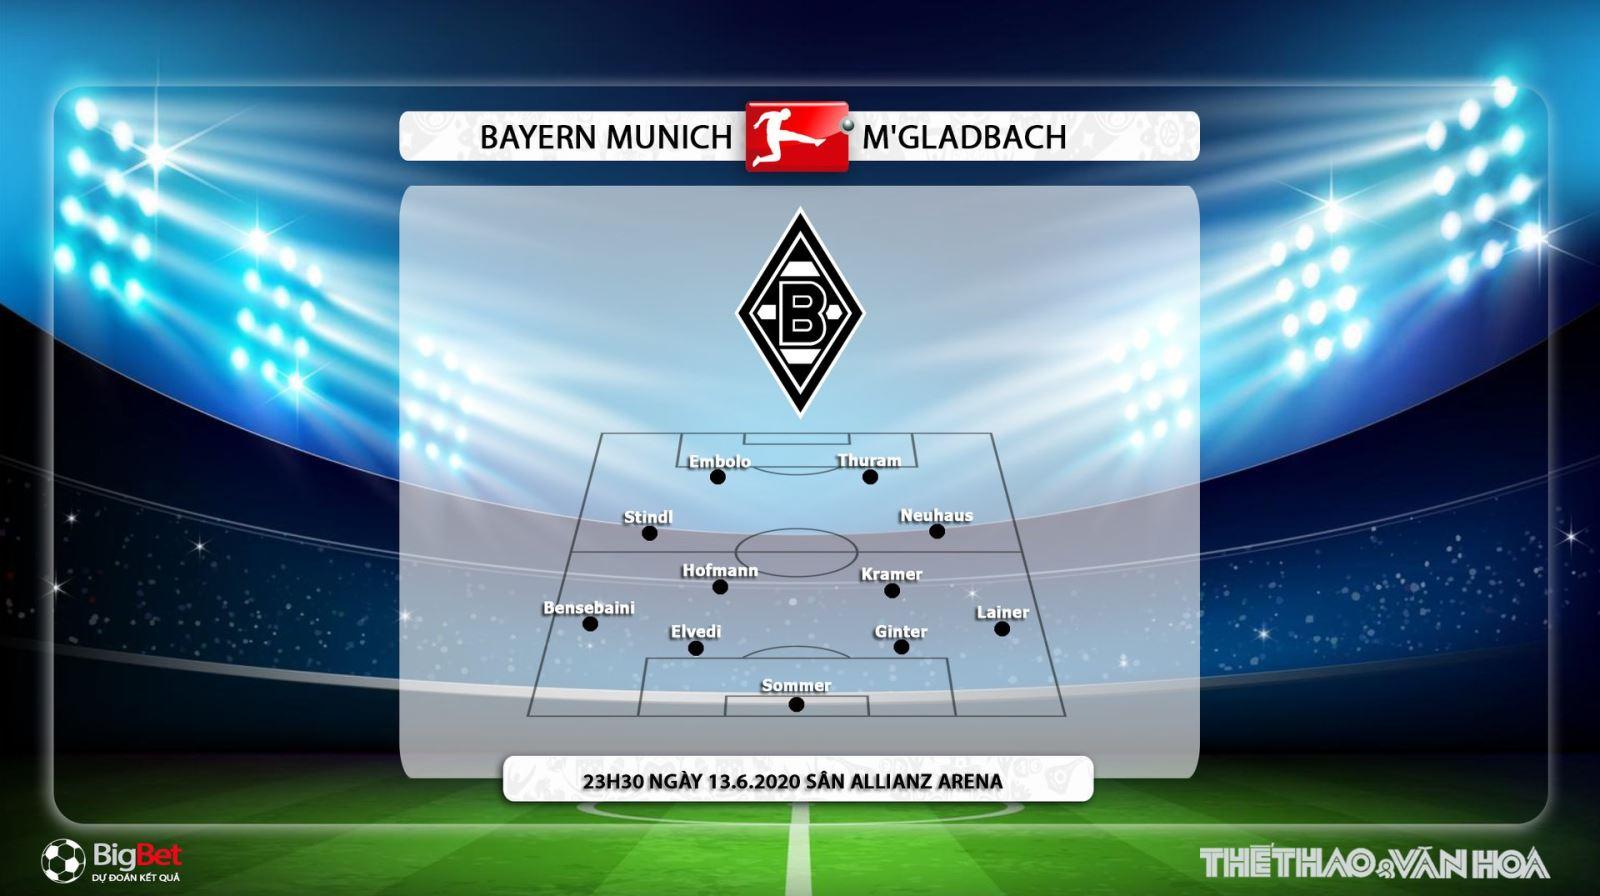 Bayern Munich vs Gladbach, kèo bóng đá, bóng đá, bong da, Bayern Munich, Gladbach, dự đoán, nhận định